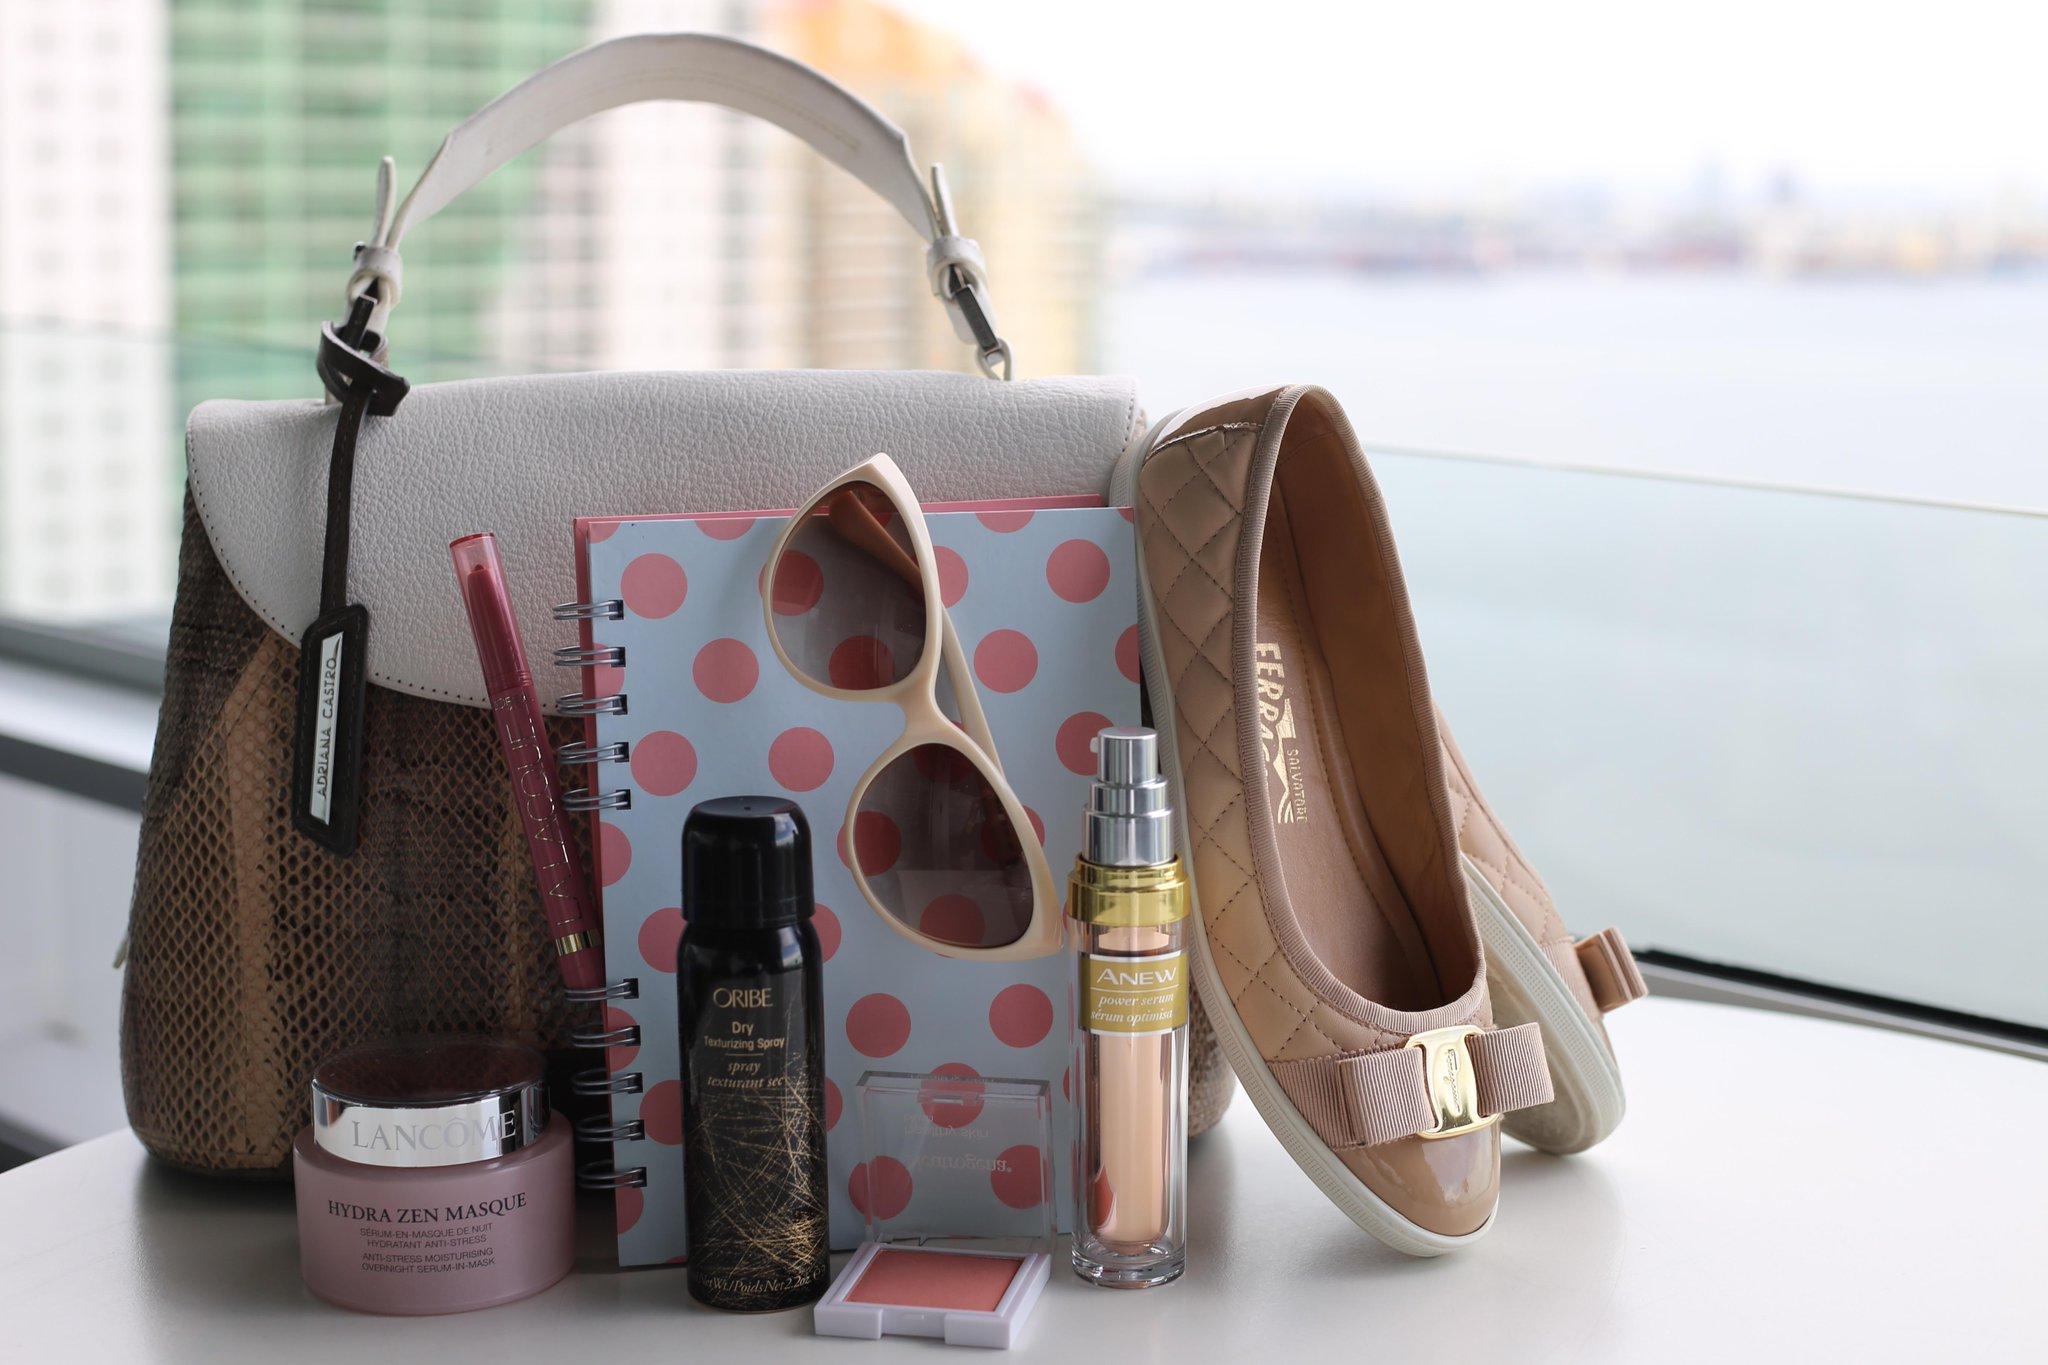 Survived #NYFW with these key essentials @AvonInsider / Sobrevivimos la semana de la moda de NYC con estos infalibles http://t.co/MZfiLBLhAE